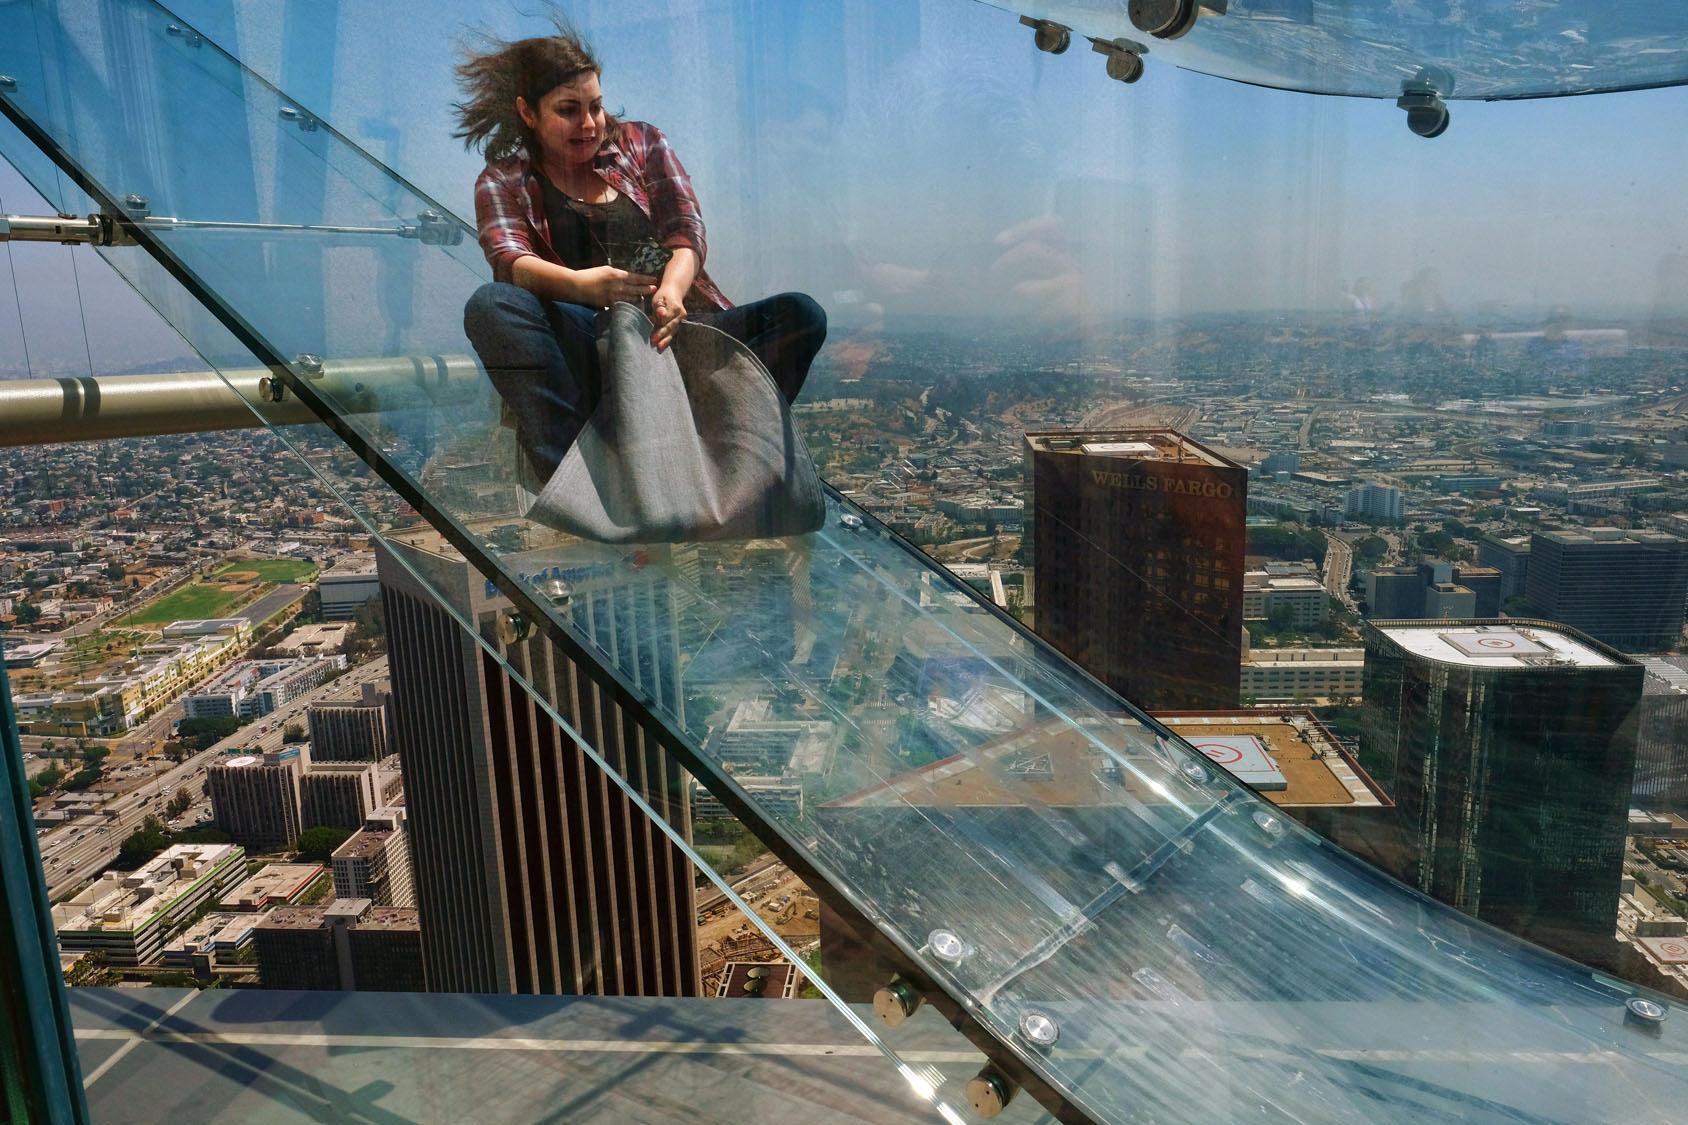 Thrill-seekers test Skyslide in Los Angeles